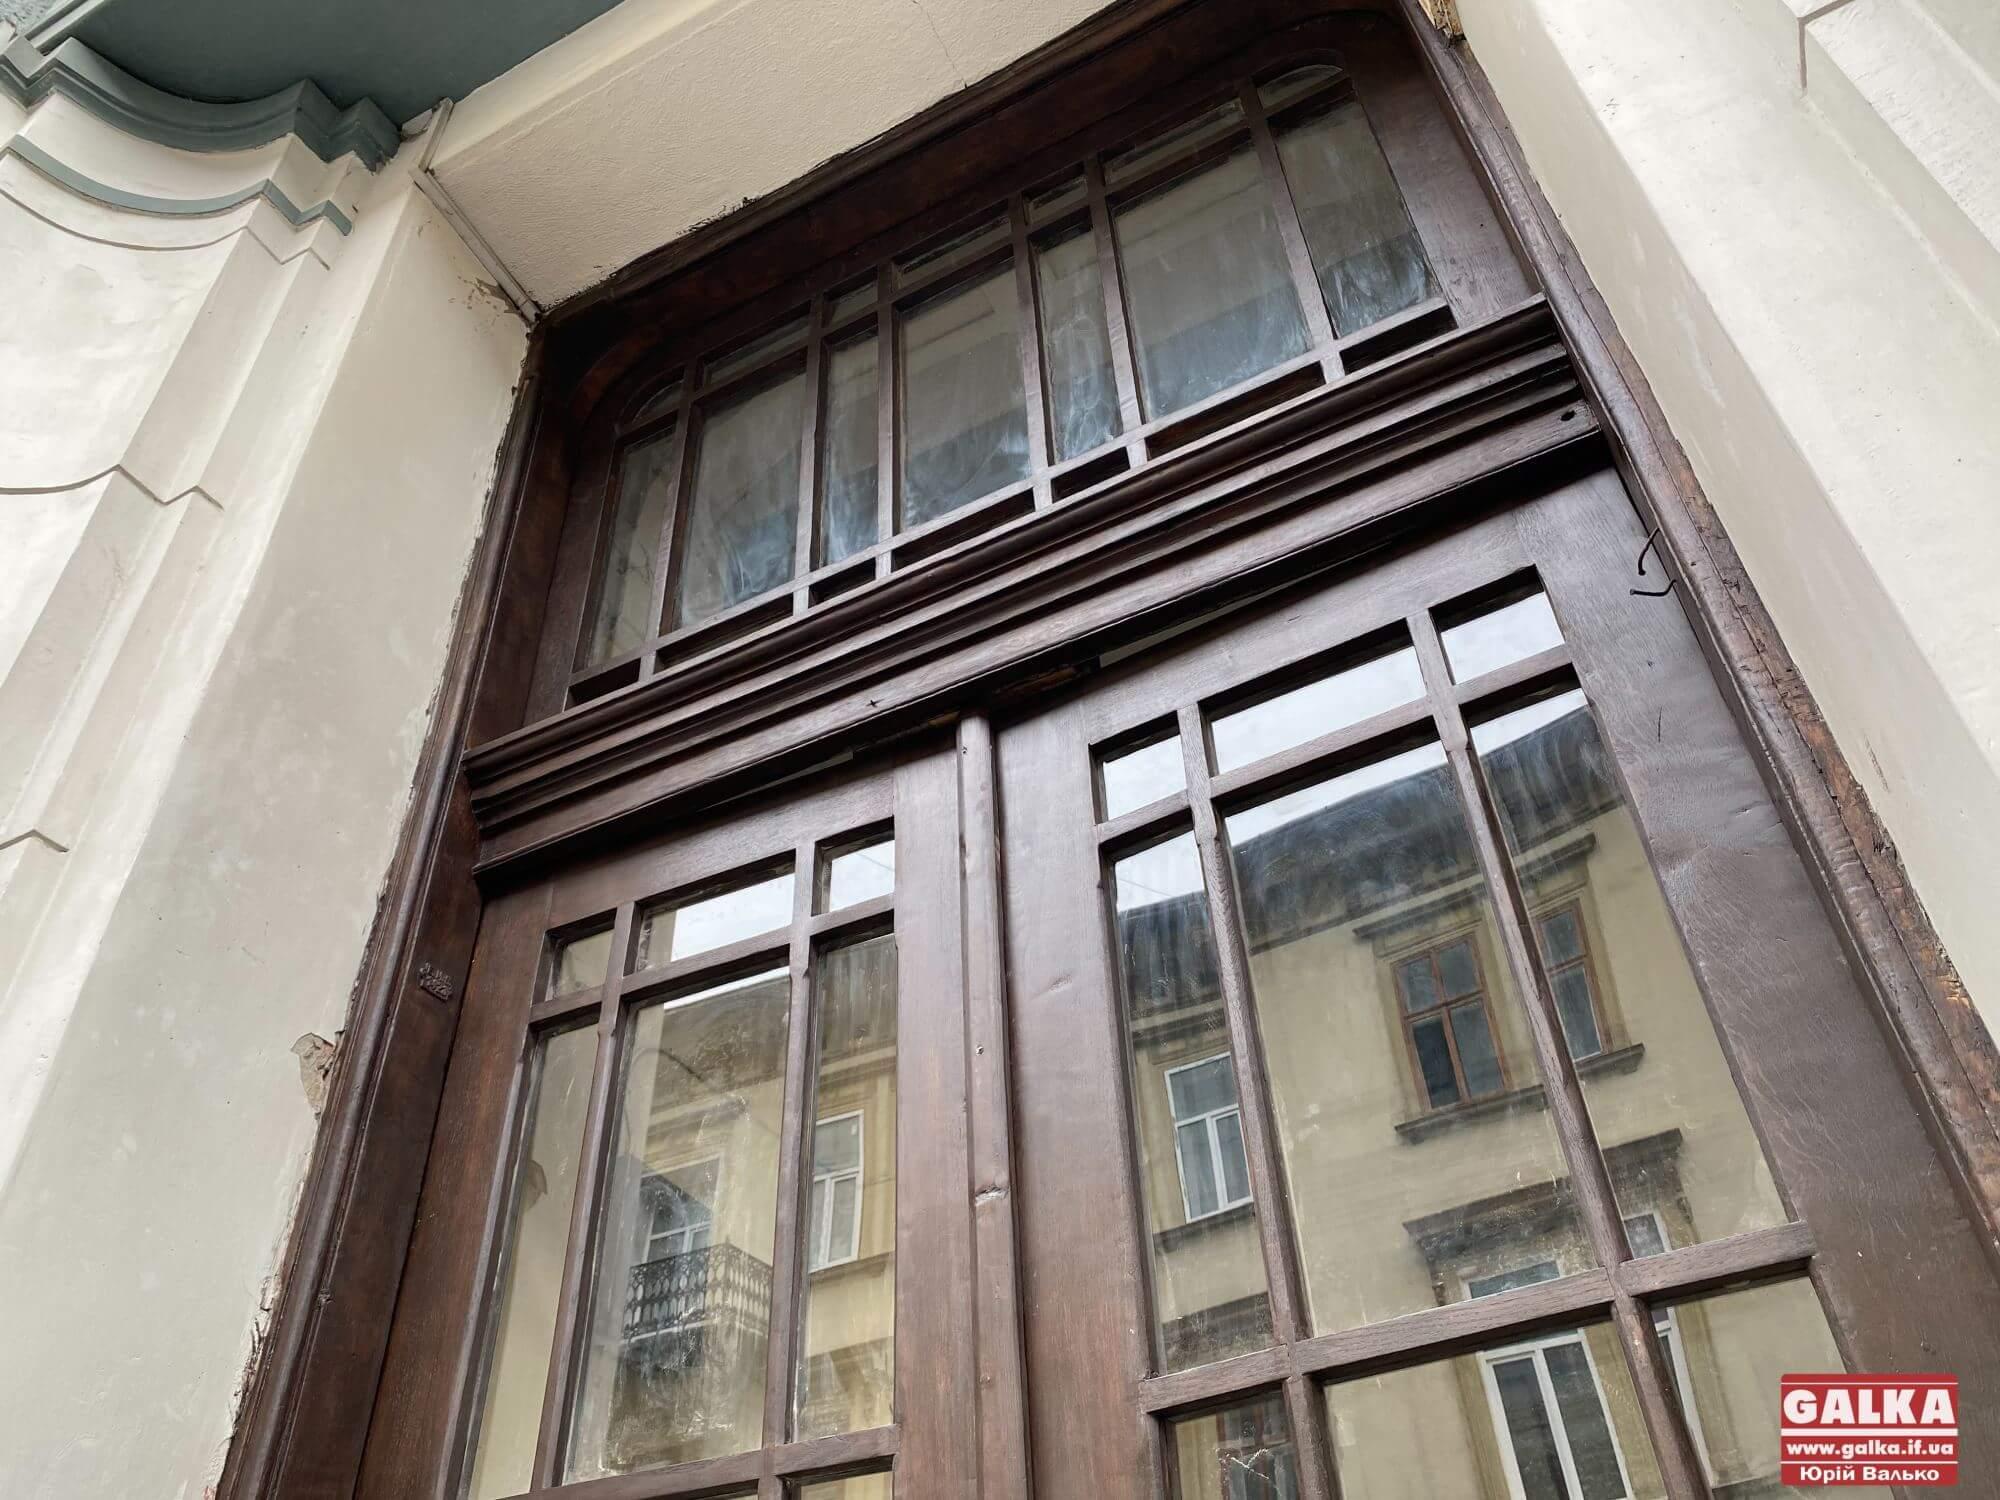 Старовинні двері з Бачинського повернулися з реставрації (ФОТО)